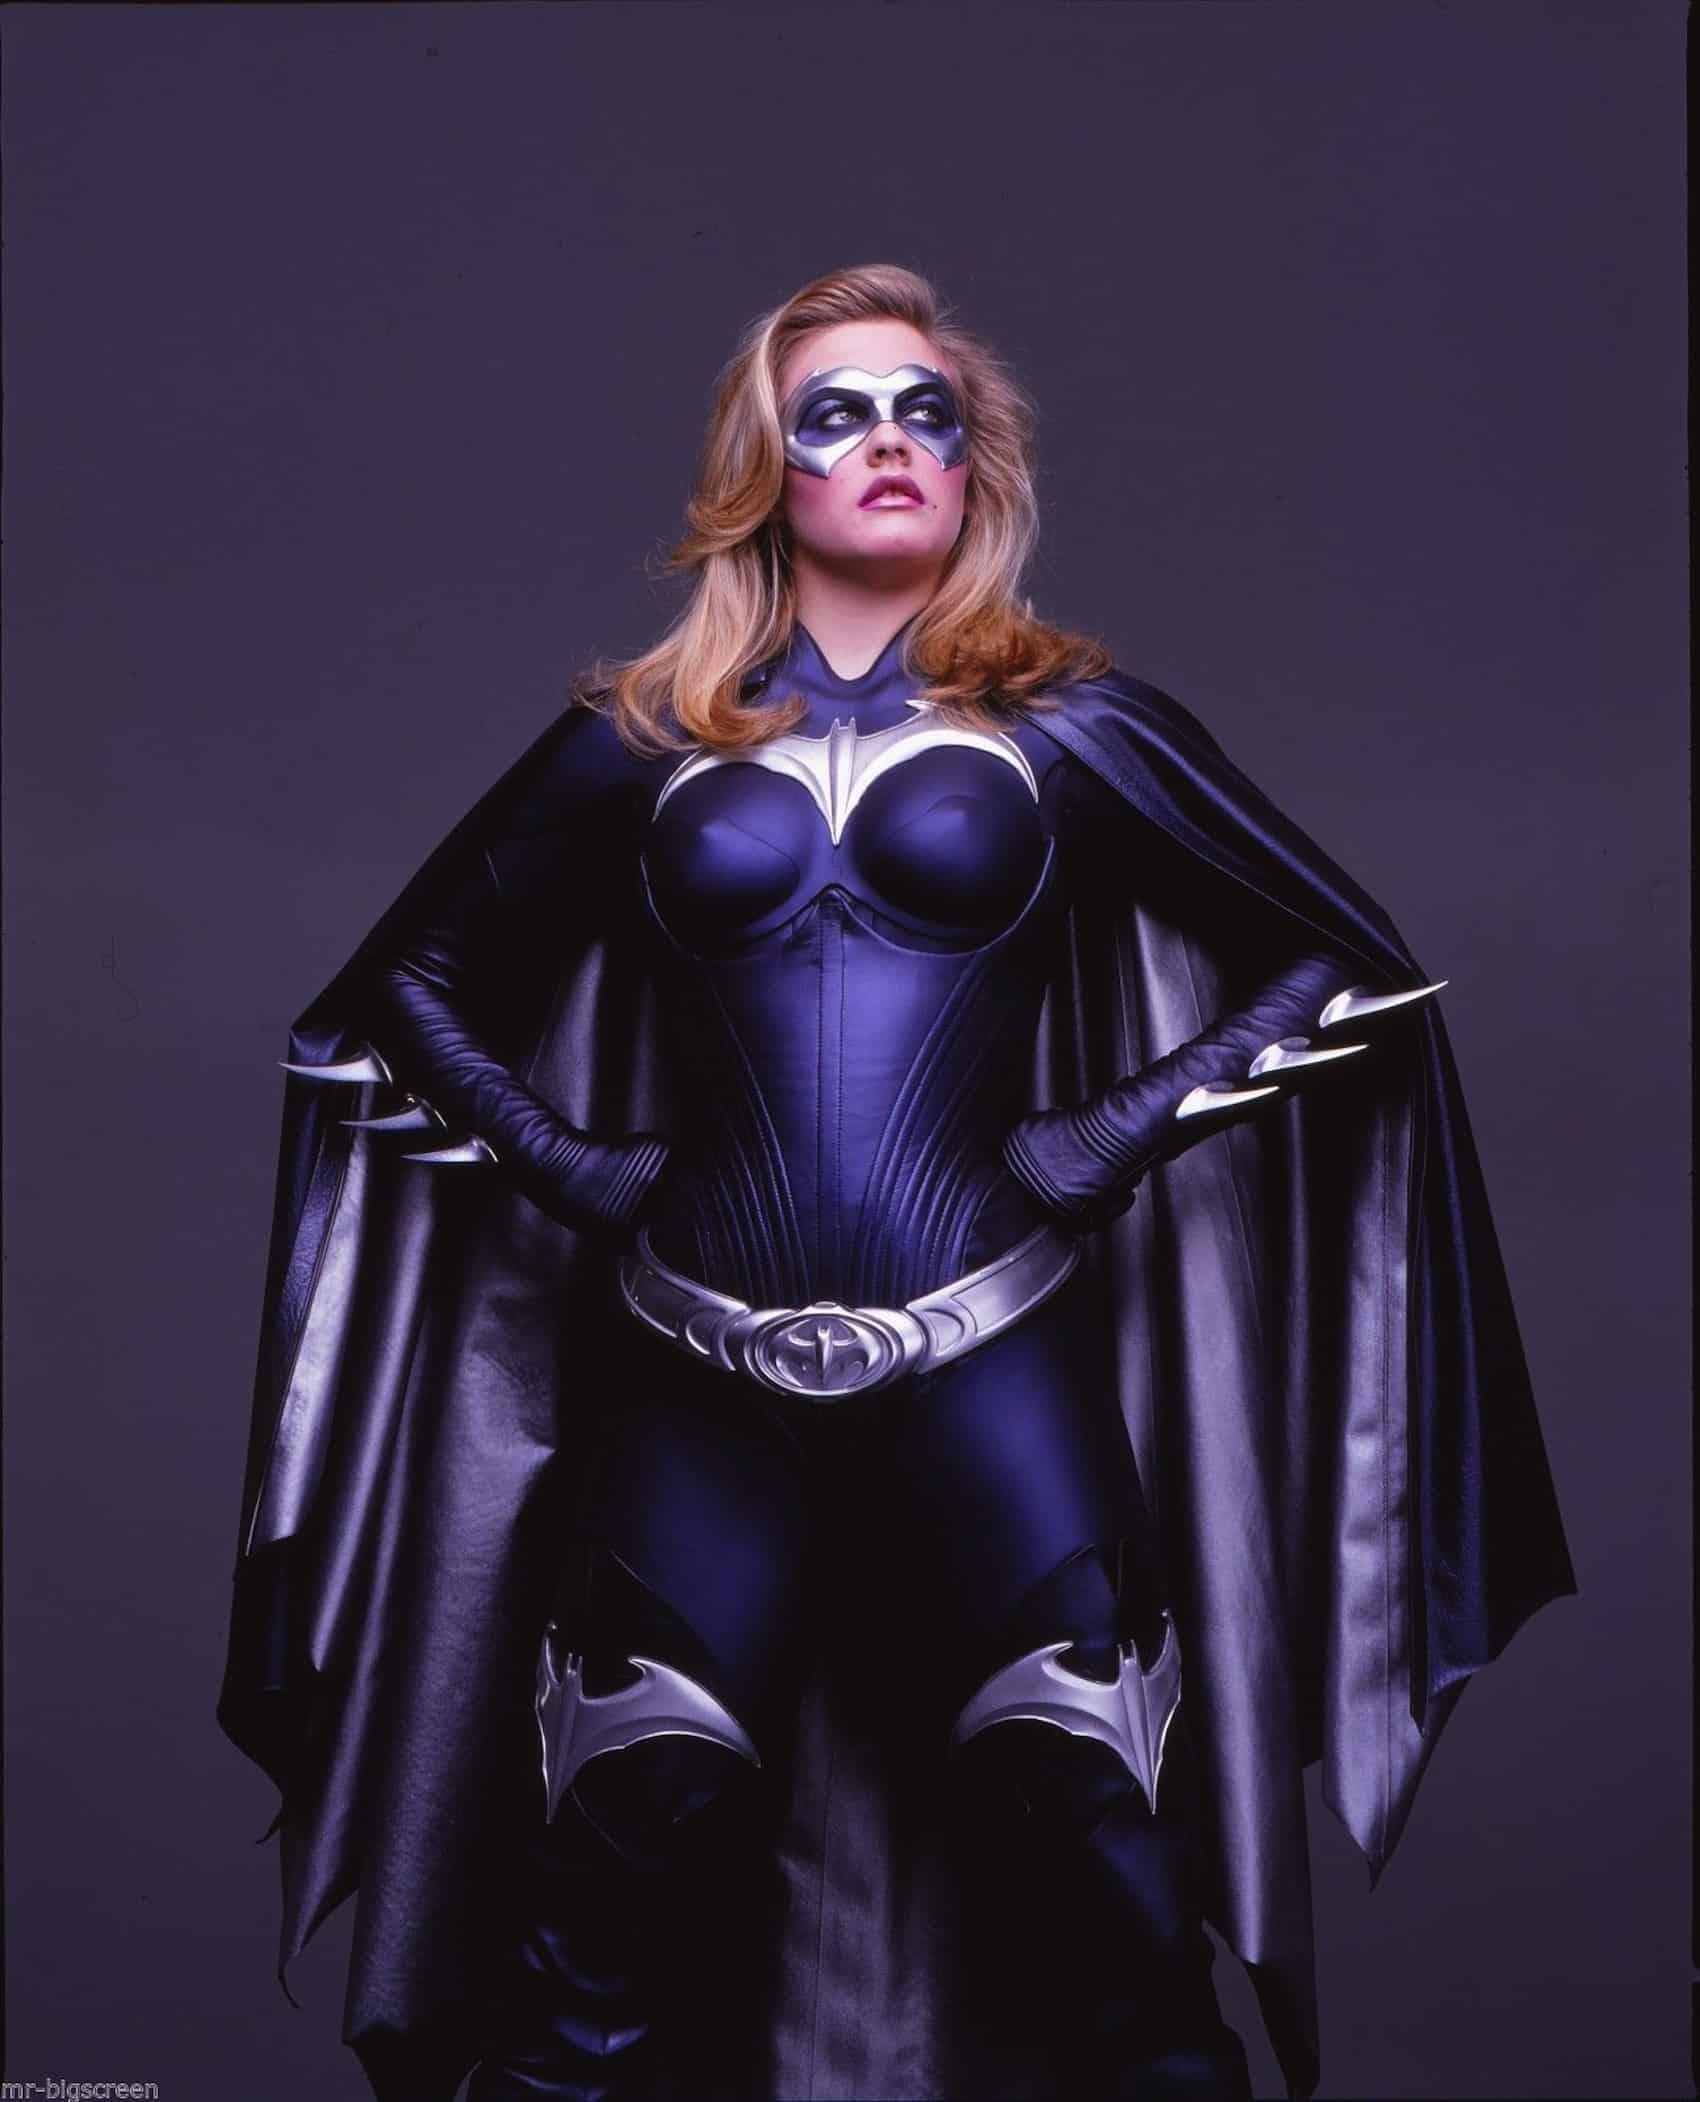 7. Alicia Silverstone In Batman & Robin